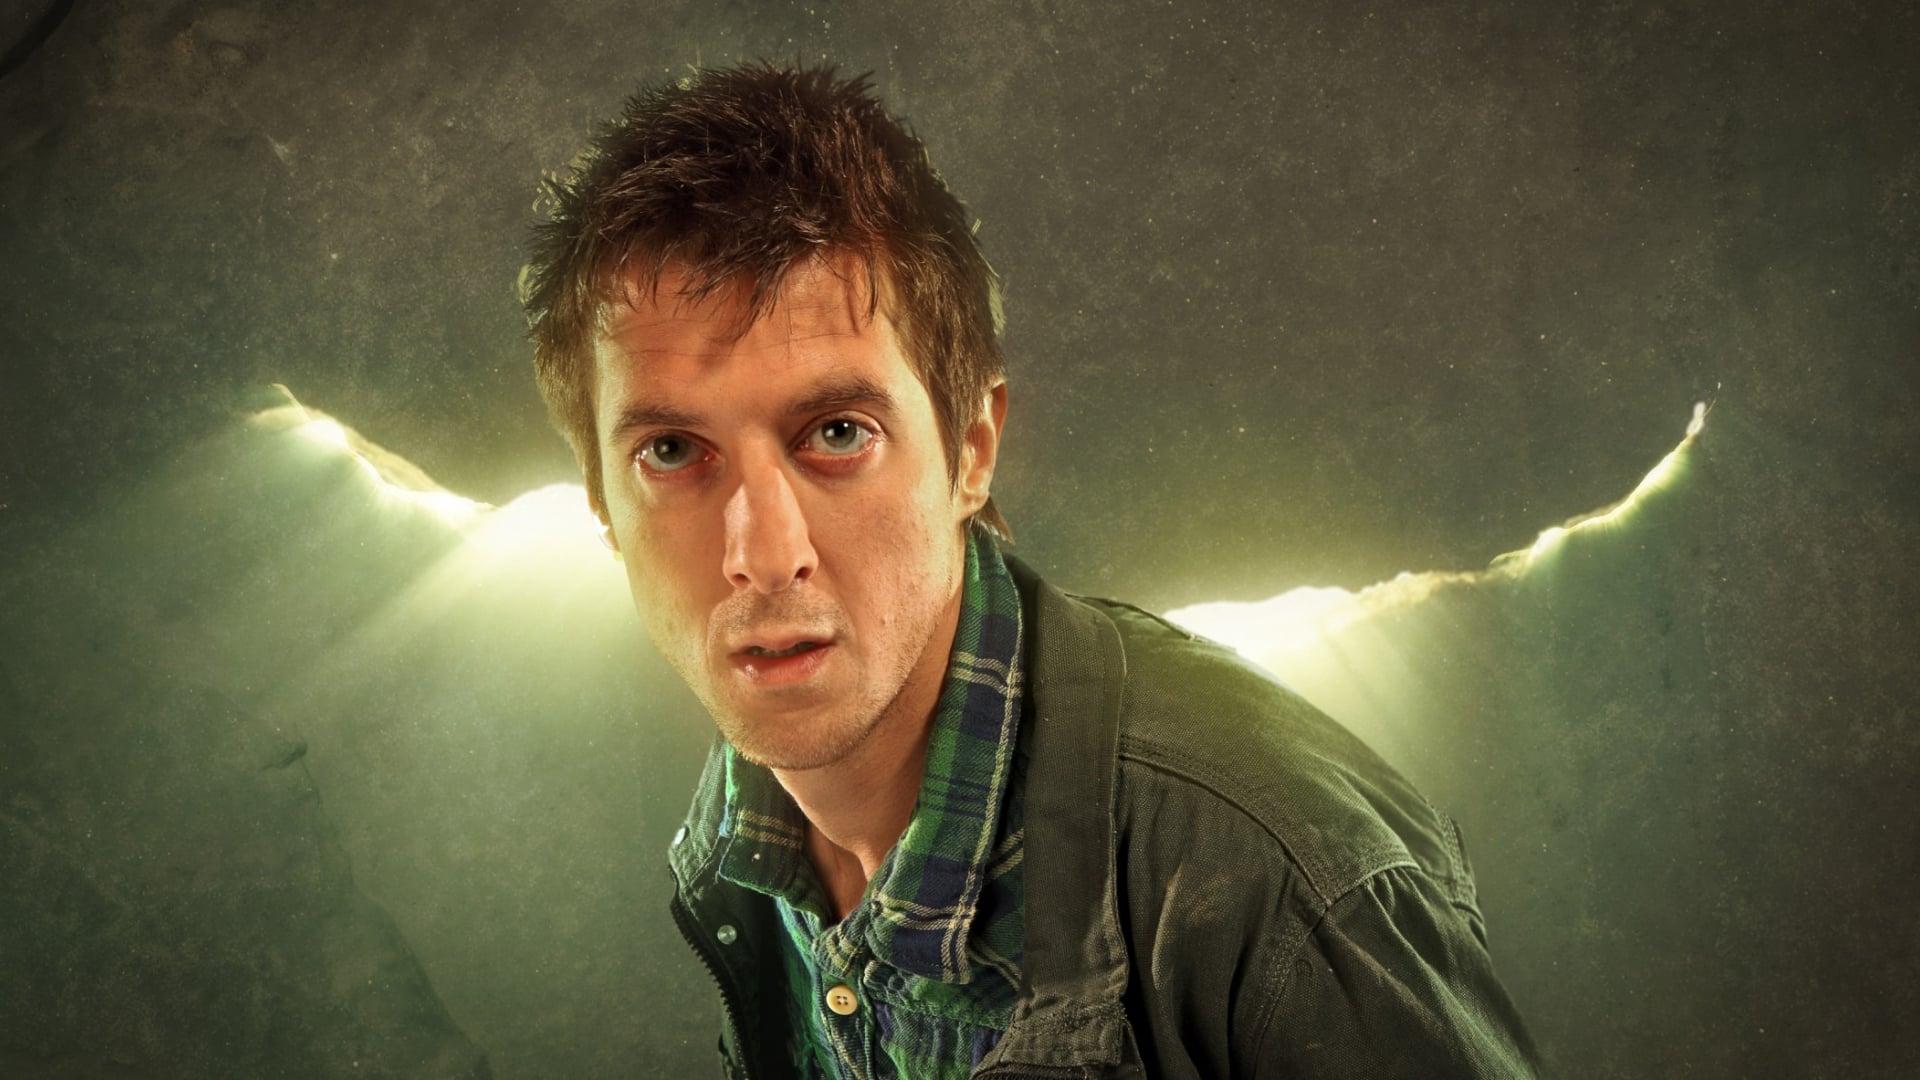 Doctor Who - Season 4 Episode 13